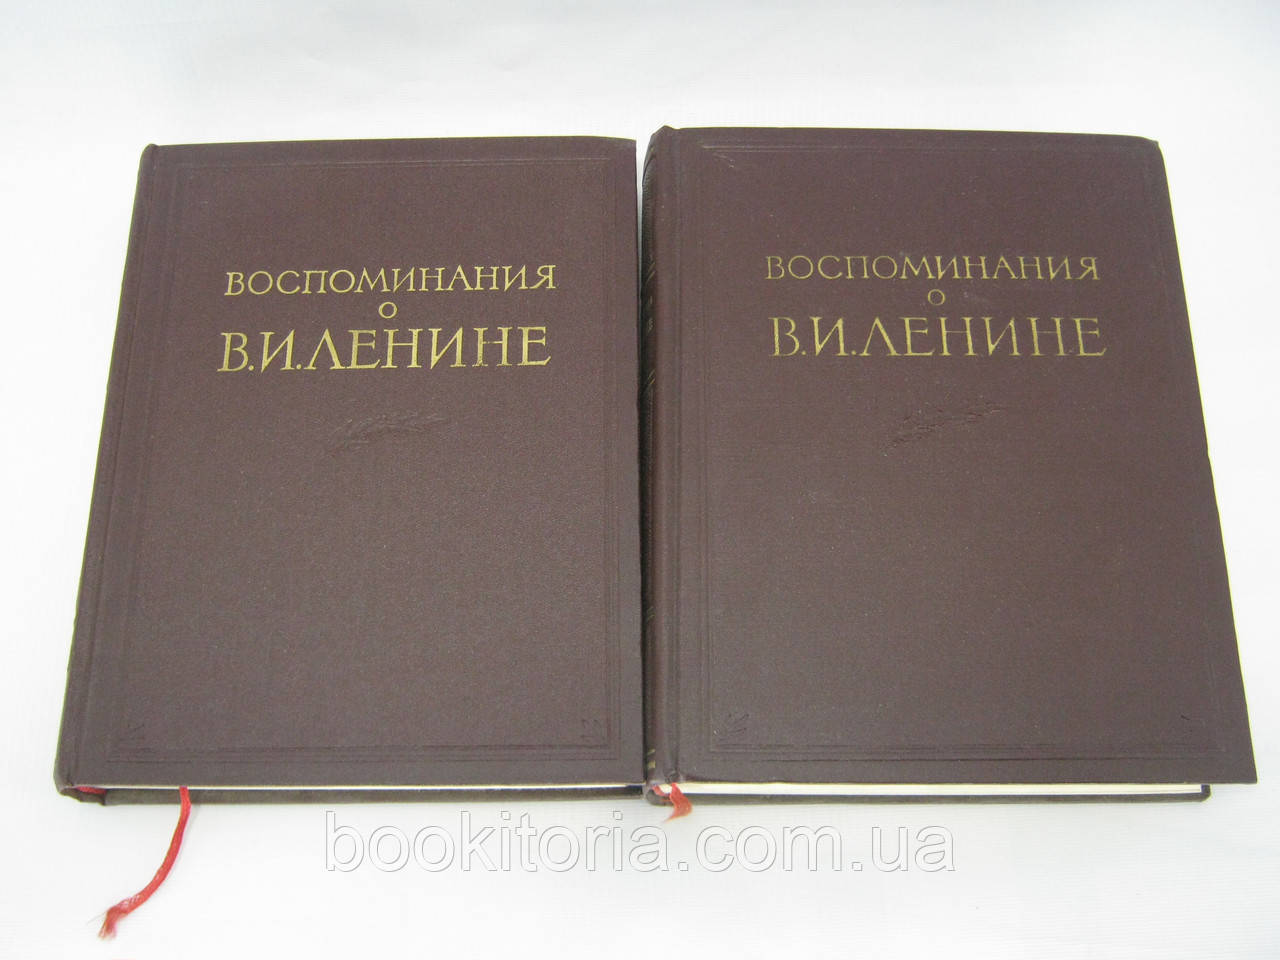 Воспоминания о В.И. Ленине. В двух книгах (томах) (б/у).